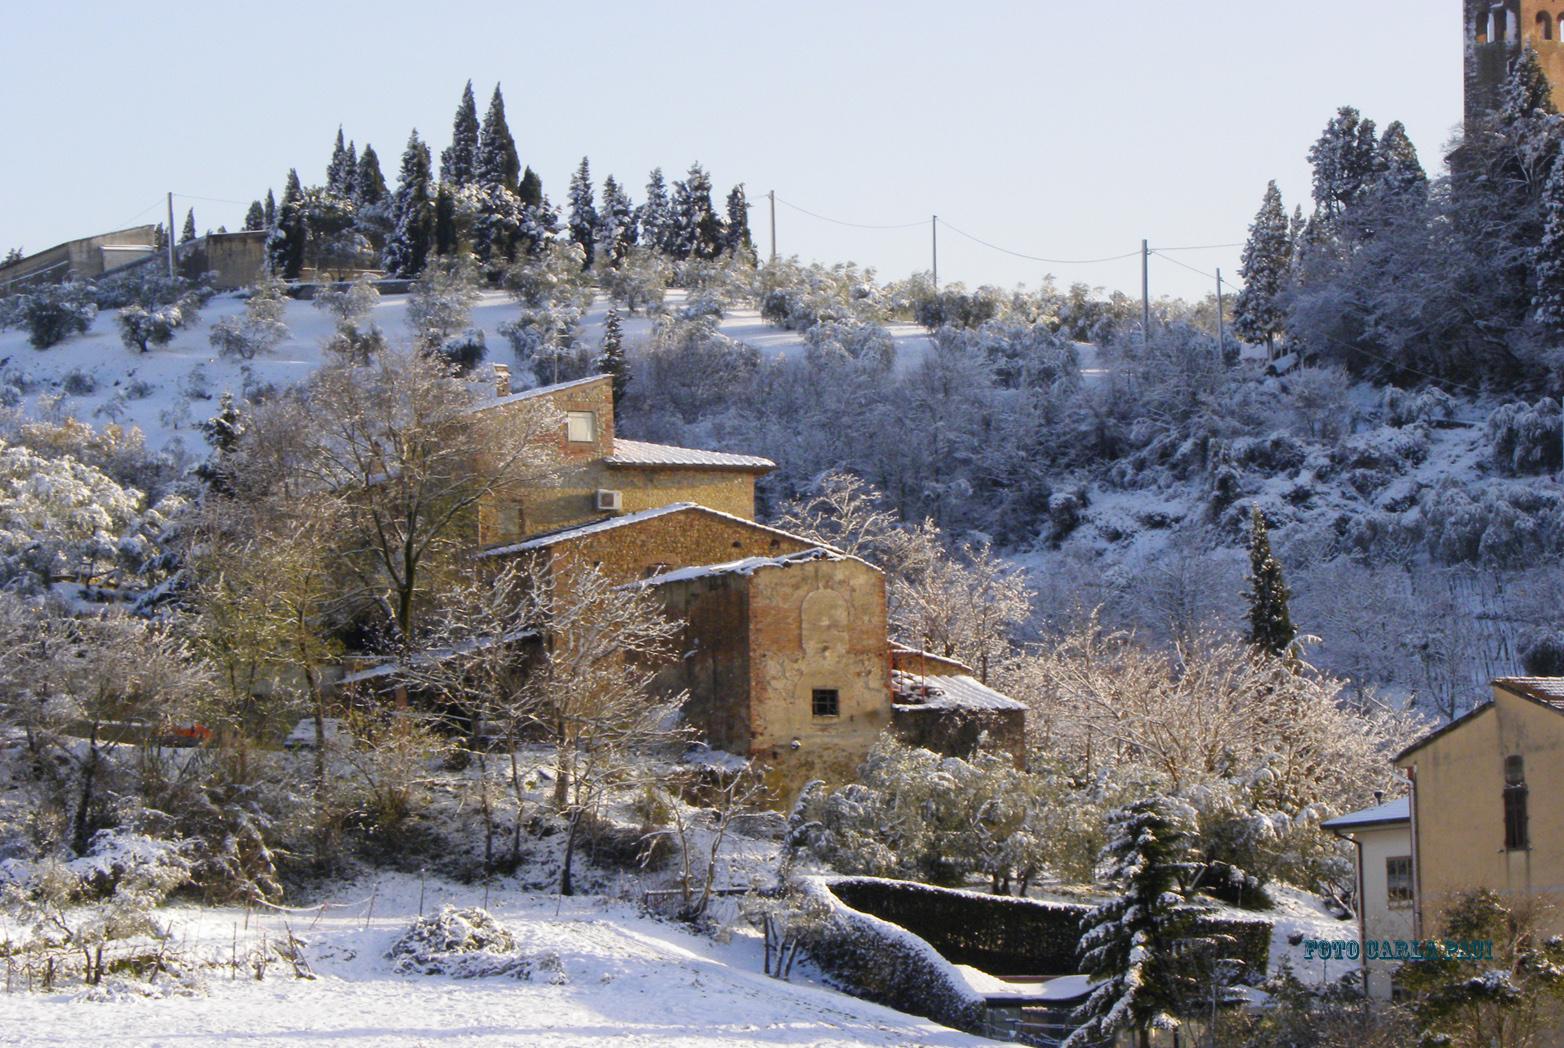 La neve dalla mia finestra n 3 foto immagini paesaggi natura foto su fotocommunity - Cosa vedo dalla mia finestra tema ...